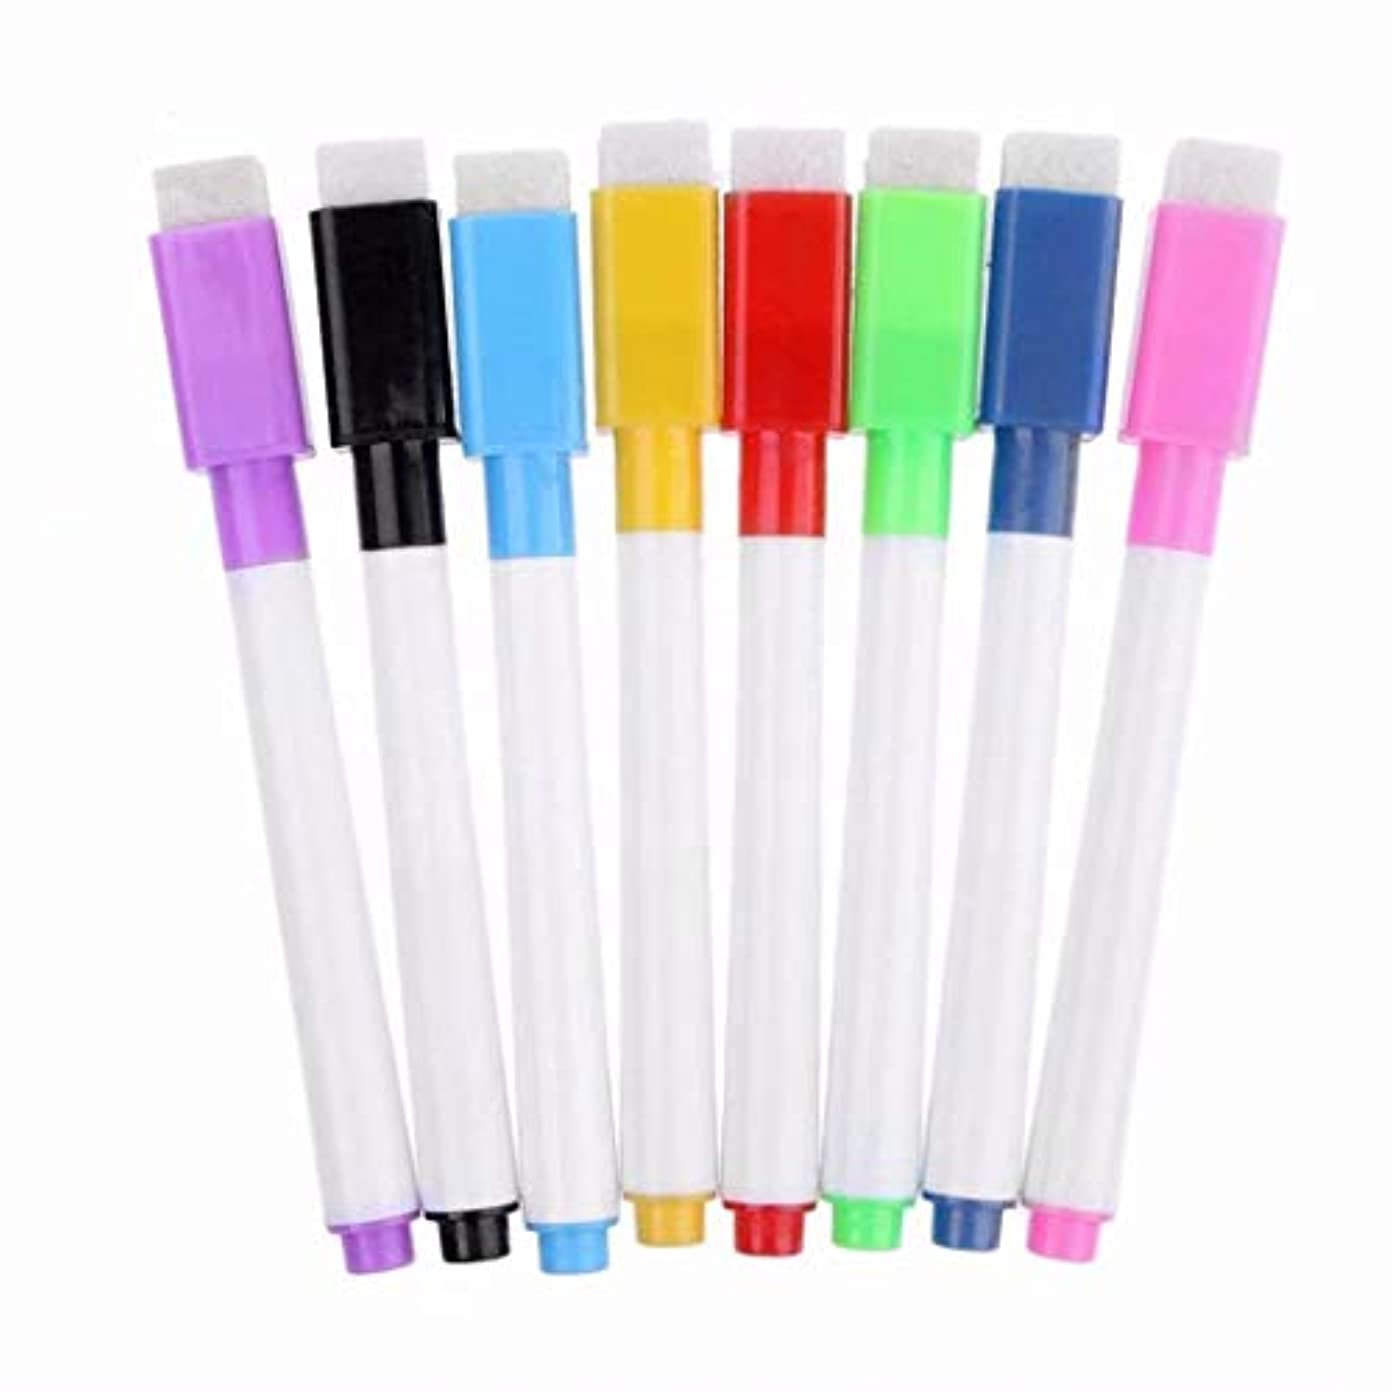 基本的なコンバーチブルピラミッド七里の香 磁気ホワイトボードペン消去可能なドライホワイトボードマーカーマグネットは、 イレーザー 学校教育事務用品 8個セット